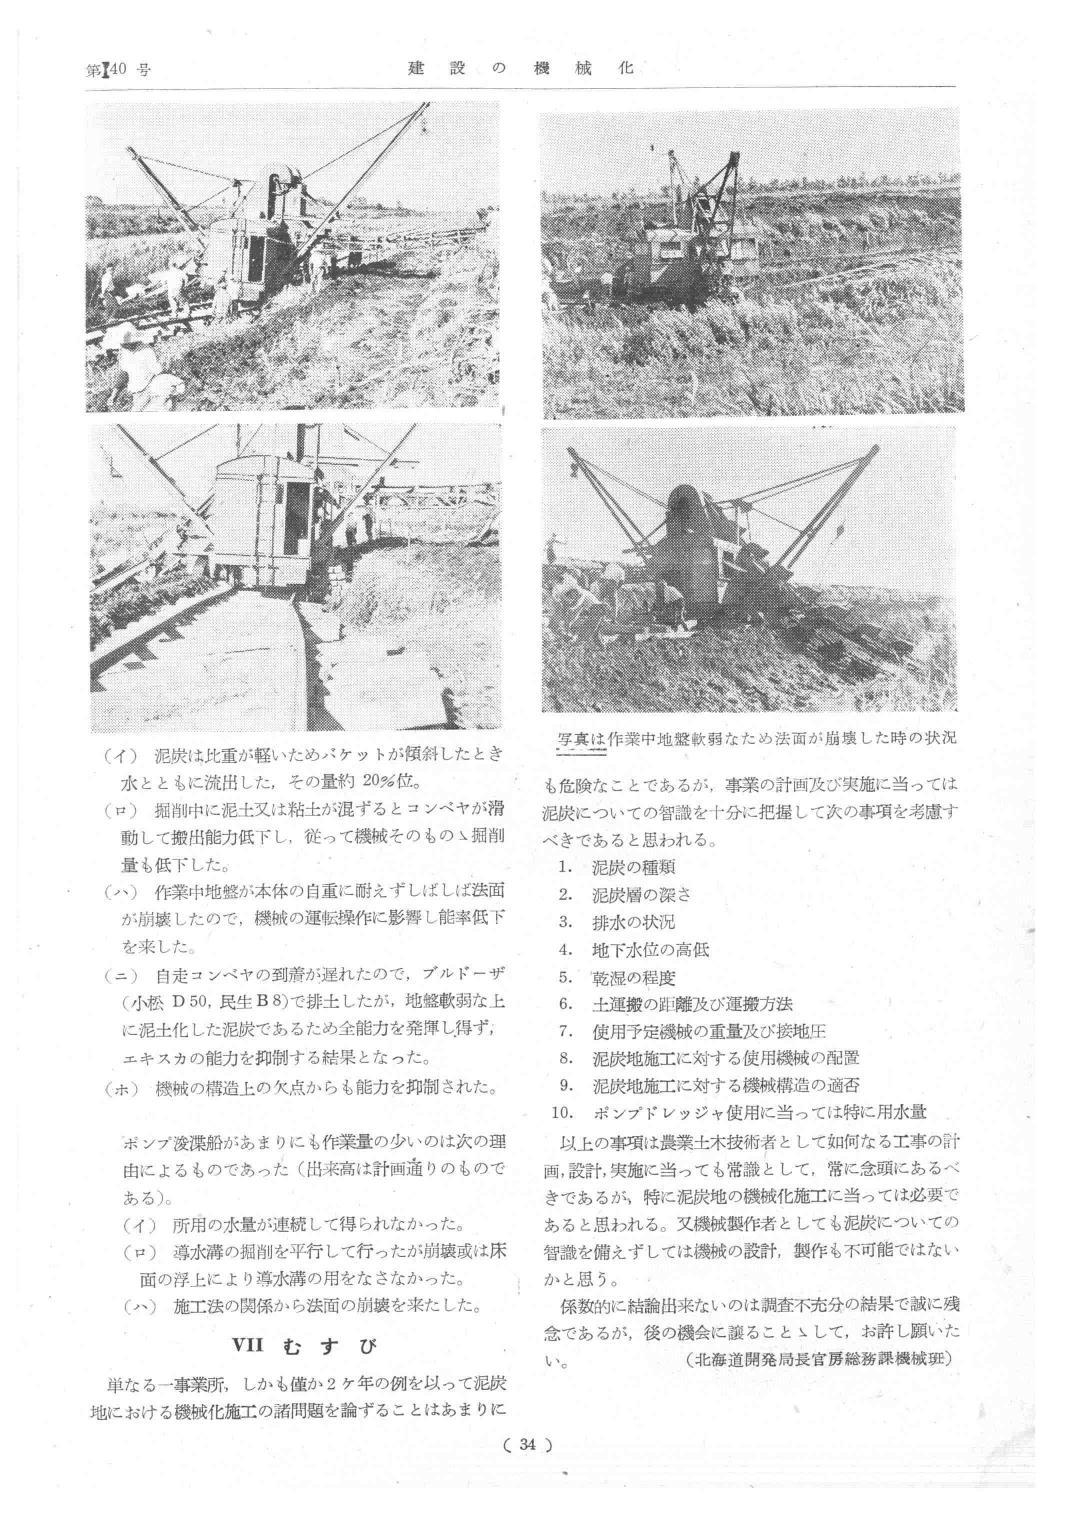 1953年問題 - JapaneseClass.jp